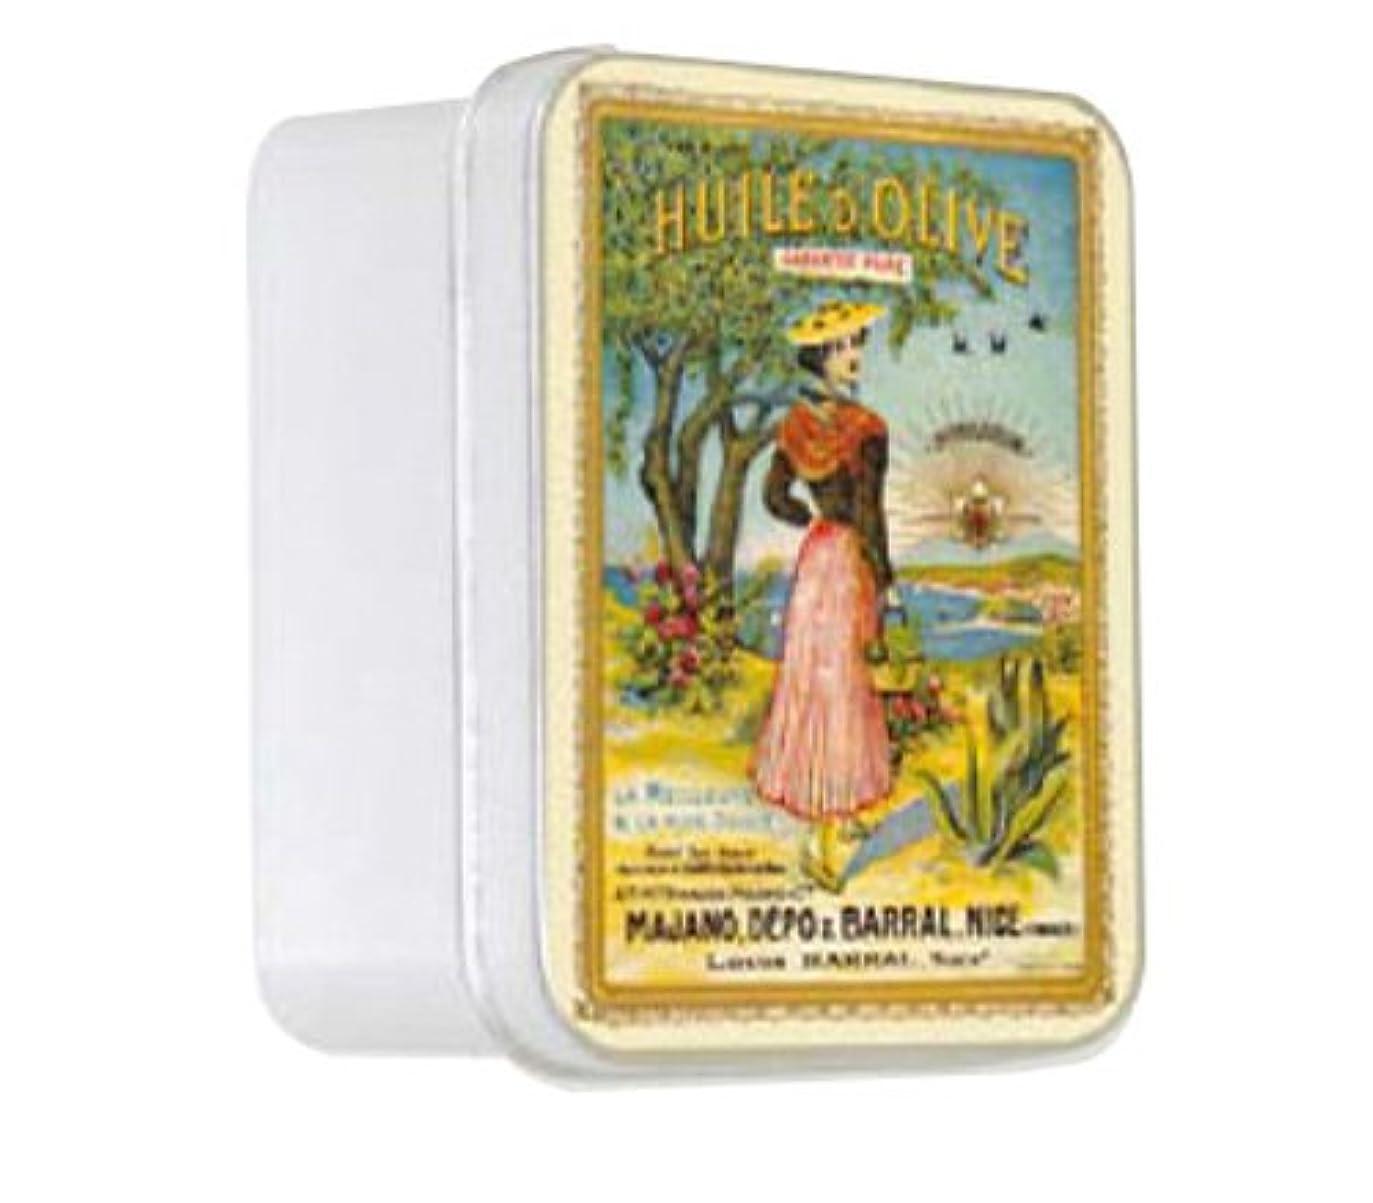 ロバインスタンス水平ルブランソープ メタルボックス(ラ ニソワーズ?オリーブの香り)石鹸